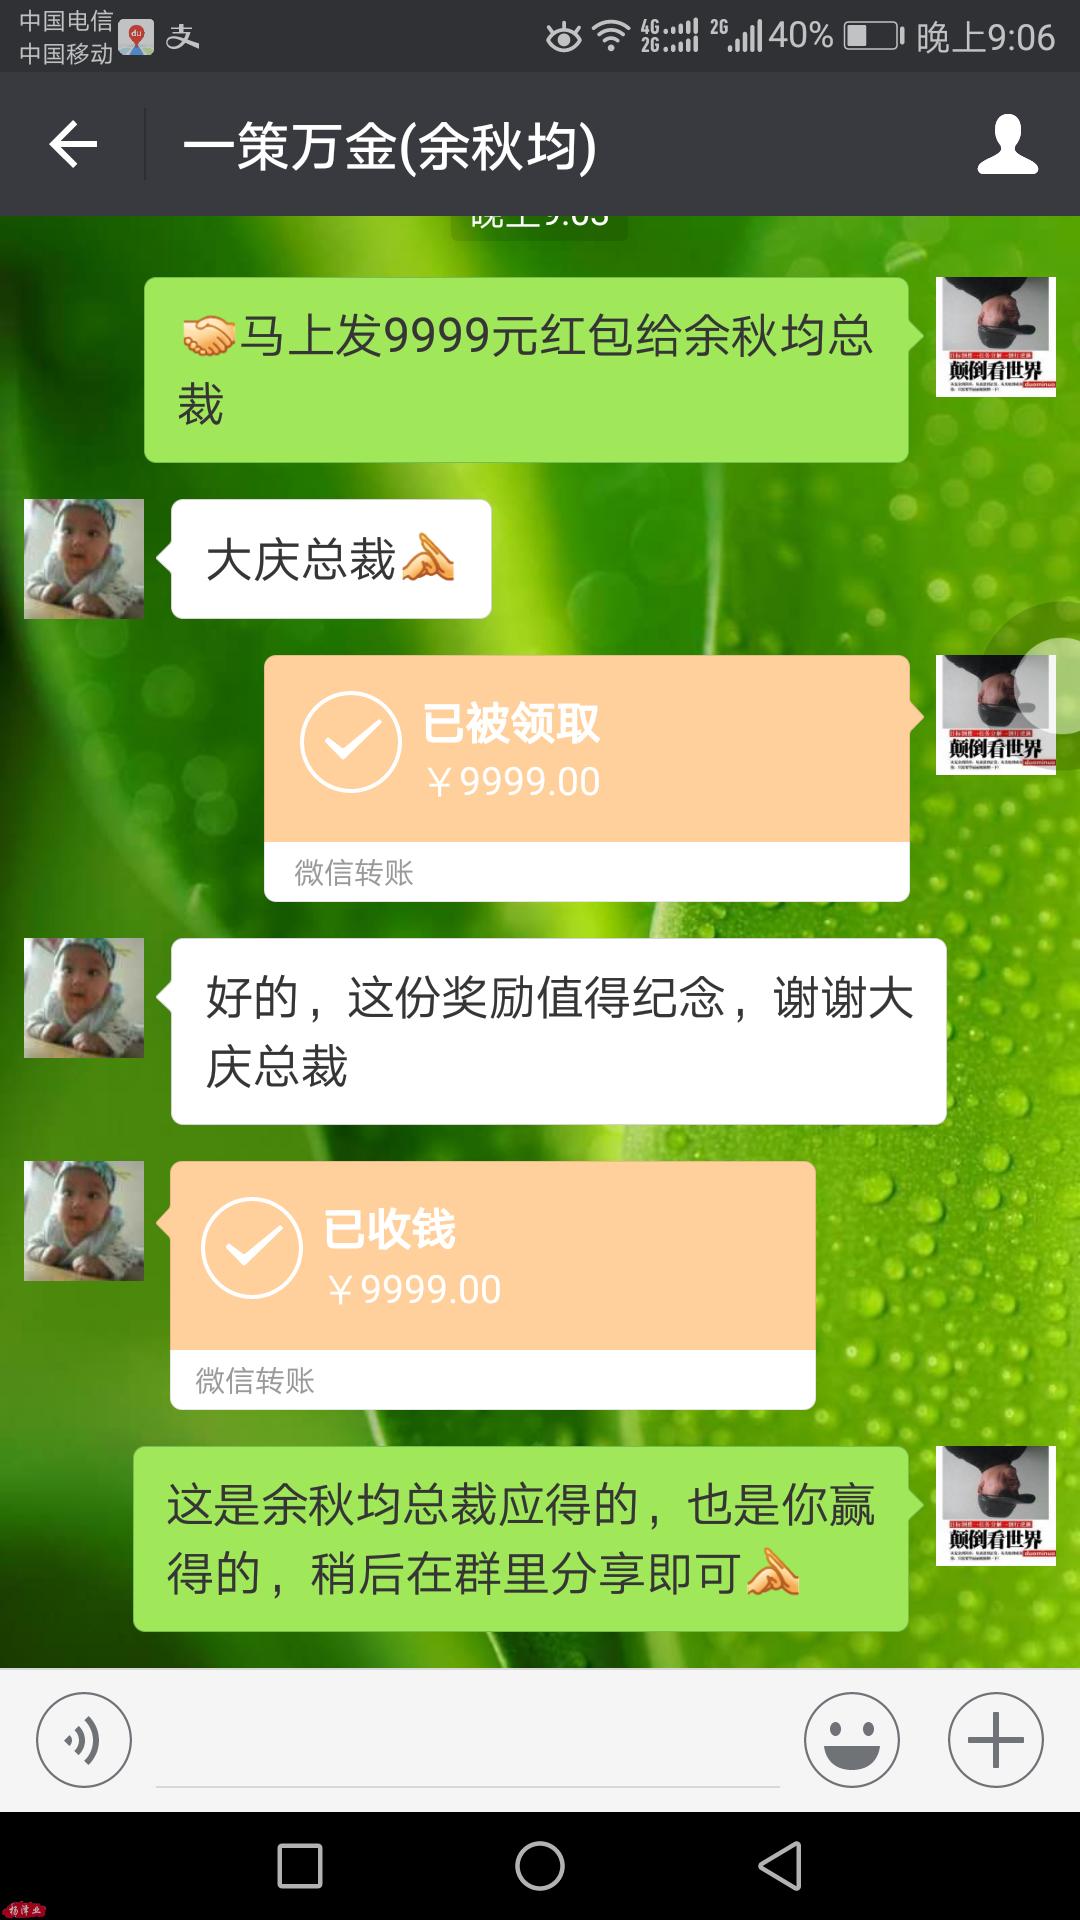 七哥获9999元红包奖励